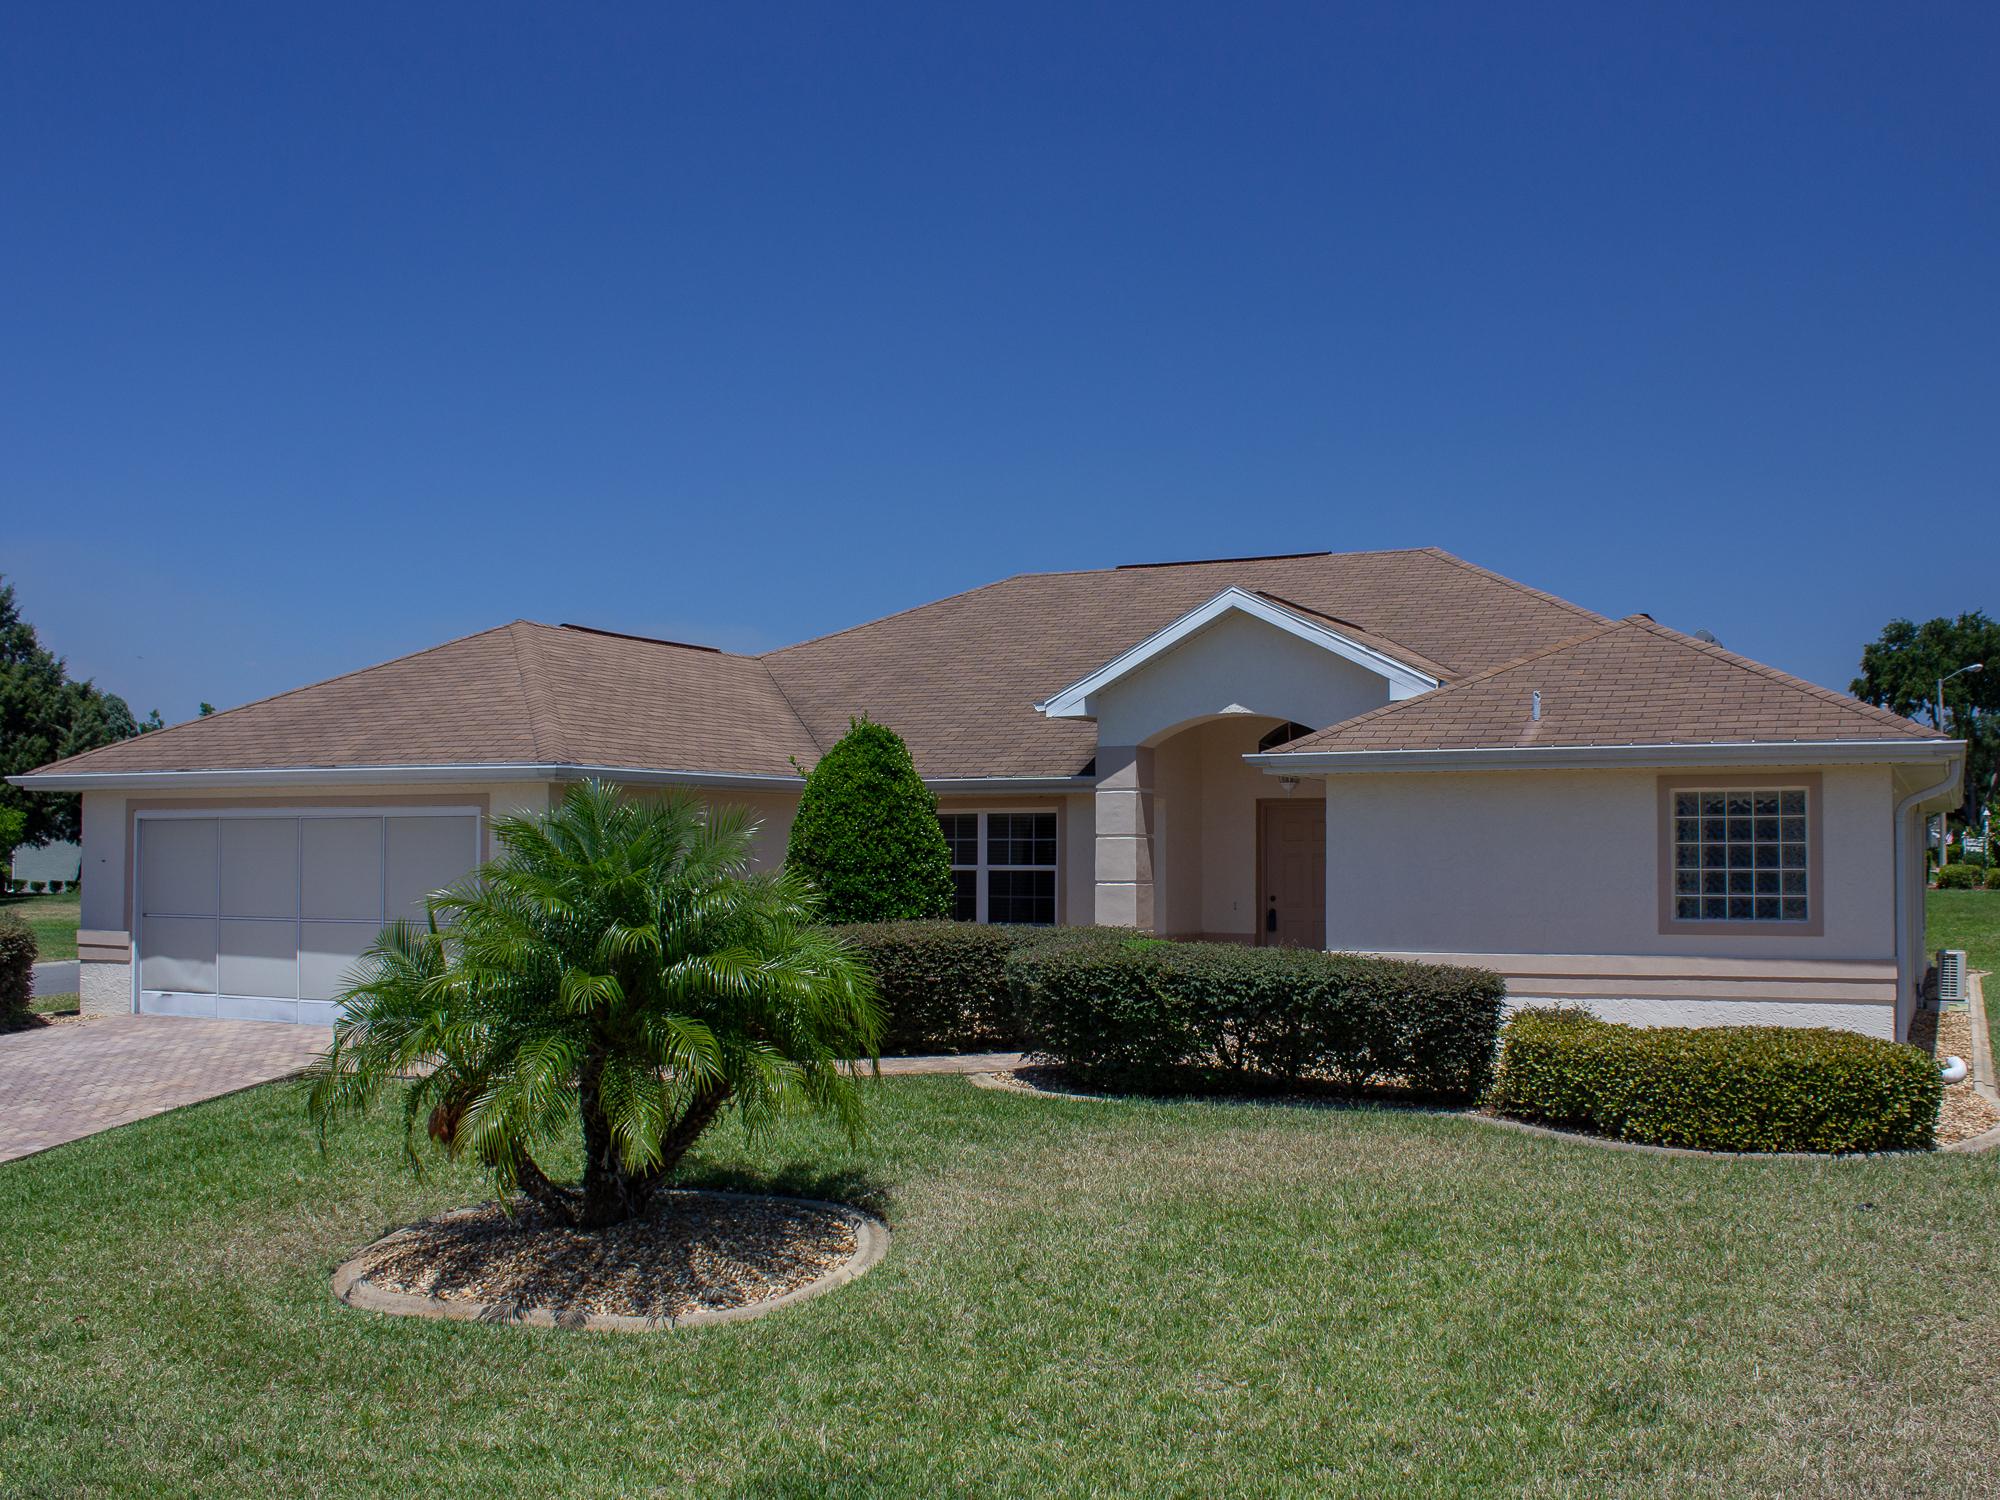 17431-SE-110th-Terrace-Summerfield-FL-34491-134-of-39